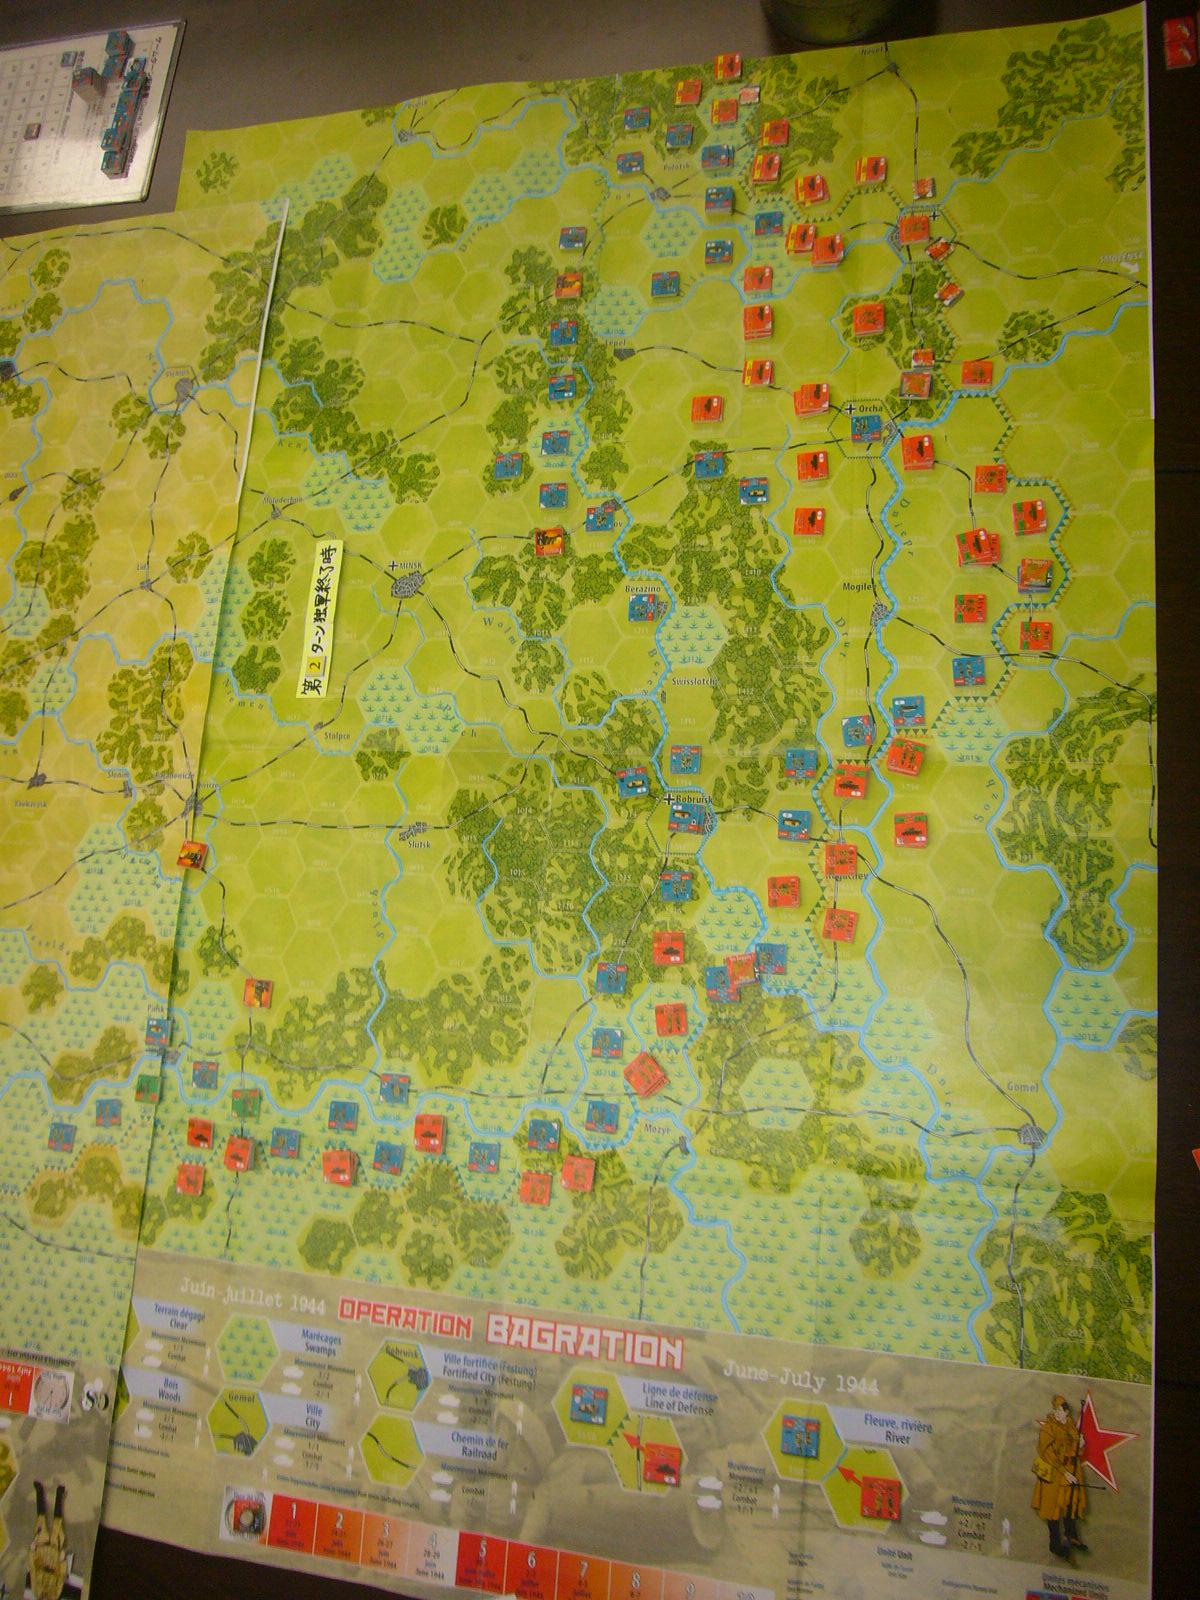 YSGA 9月例会の様子その3(仏C&H社製の東部戦線1944 『バグラチオン作戦』+『ワルシャワ蜂起』)その❶_b0173672_00042242.jpg